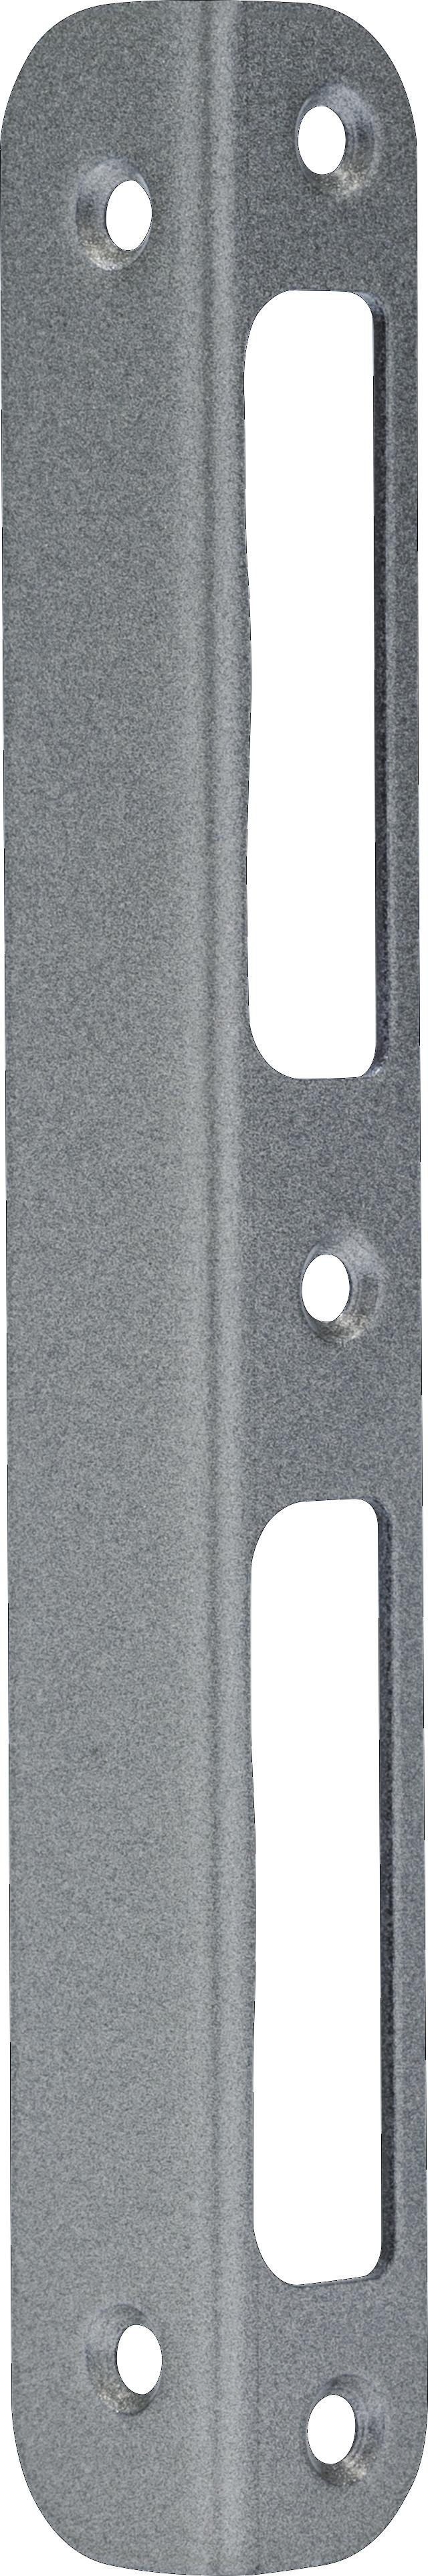 Winkelschließblech WSB170